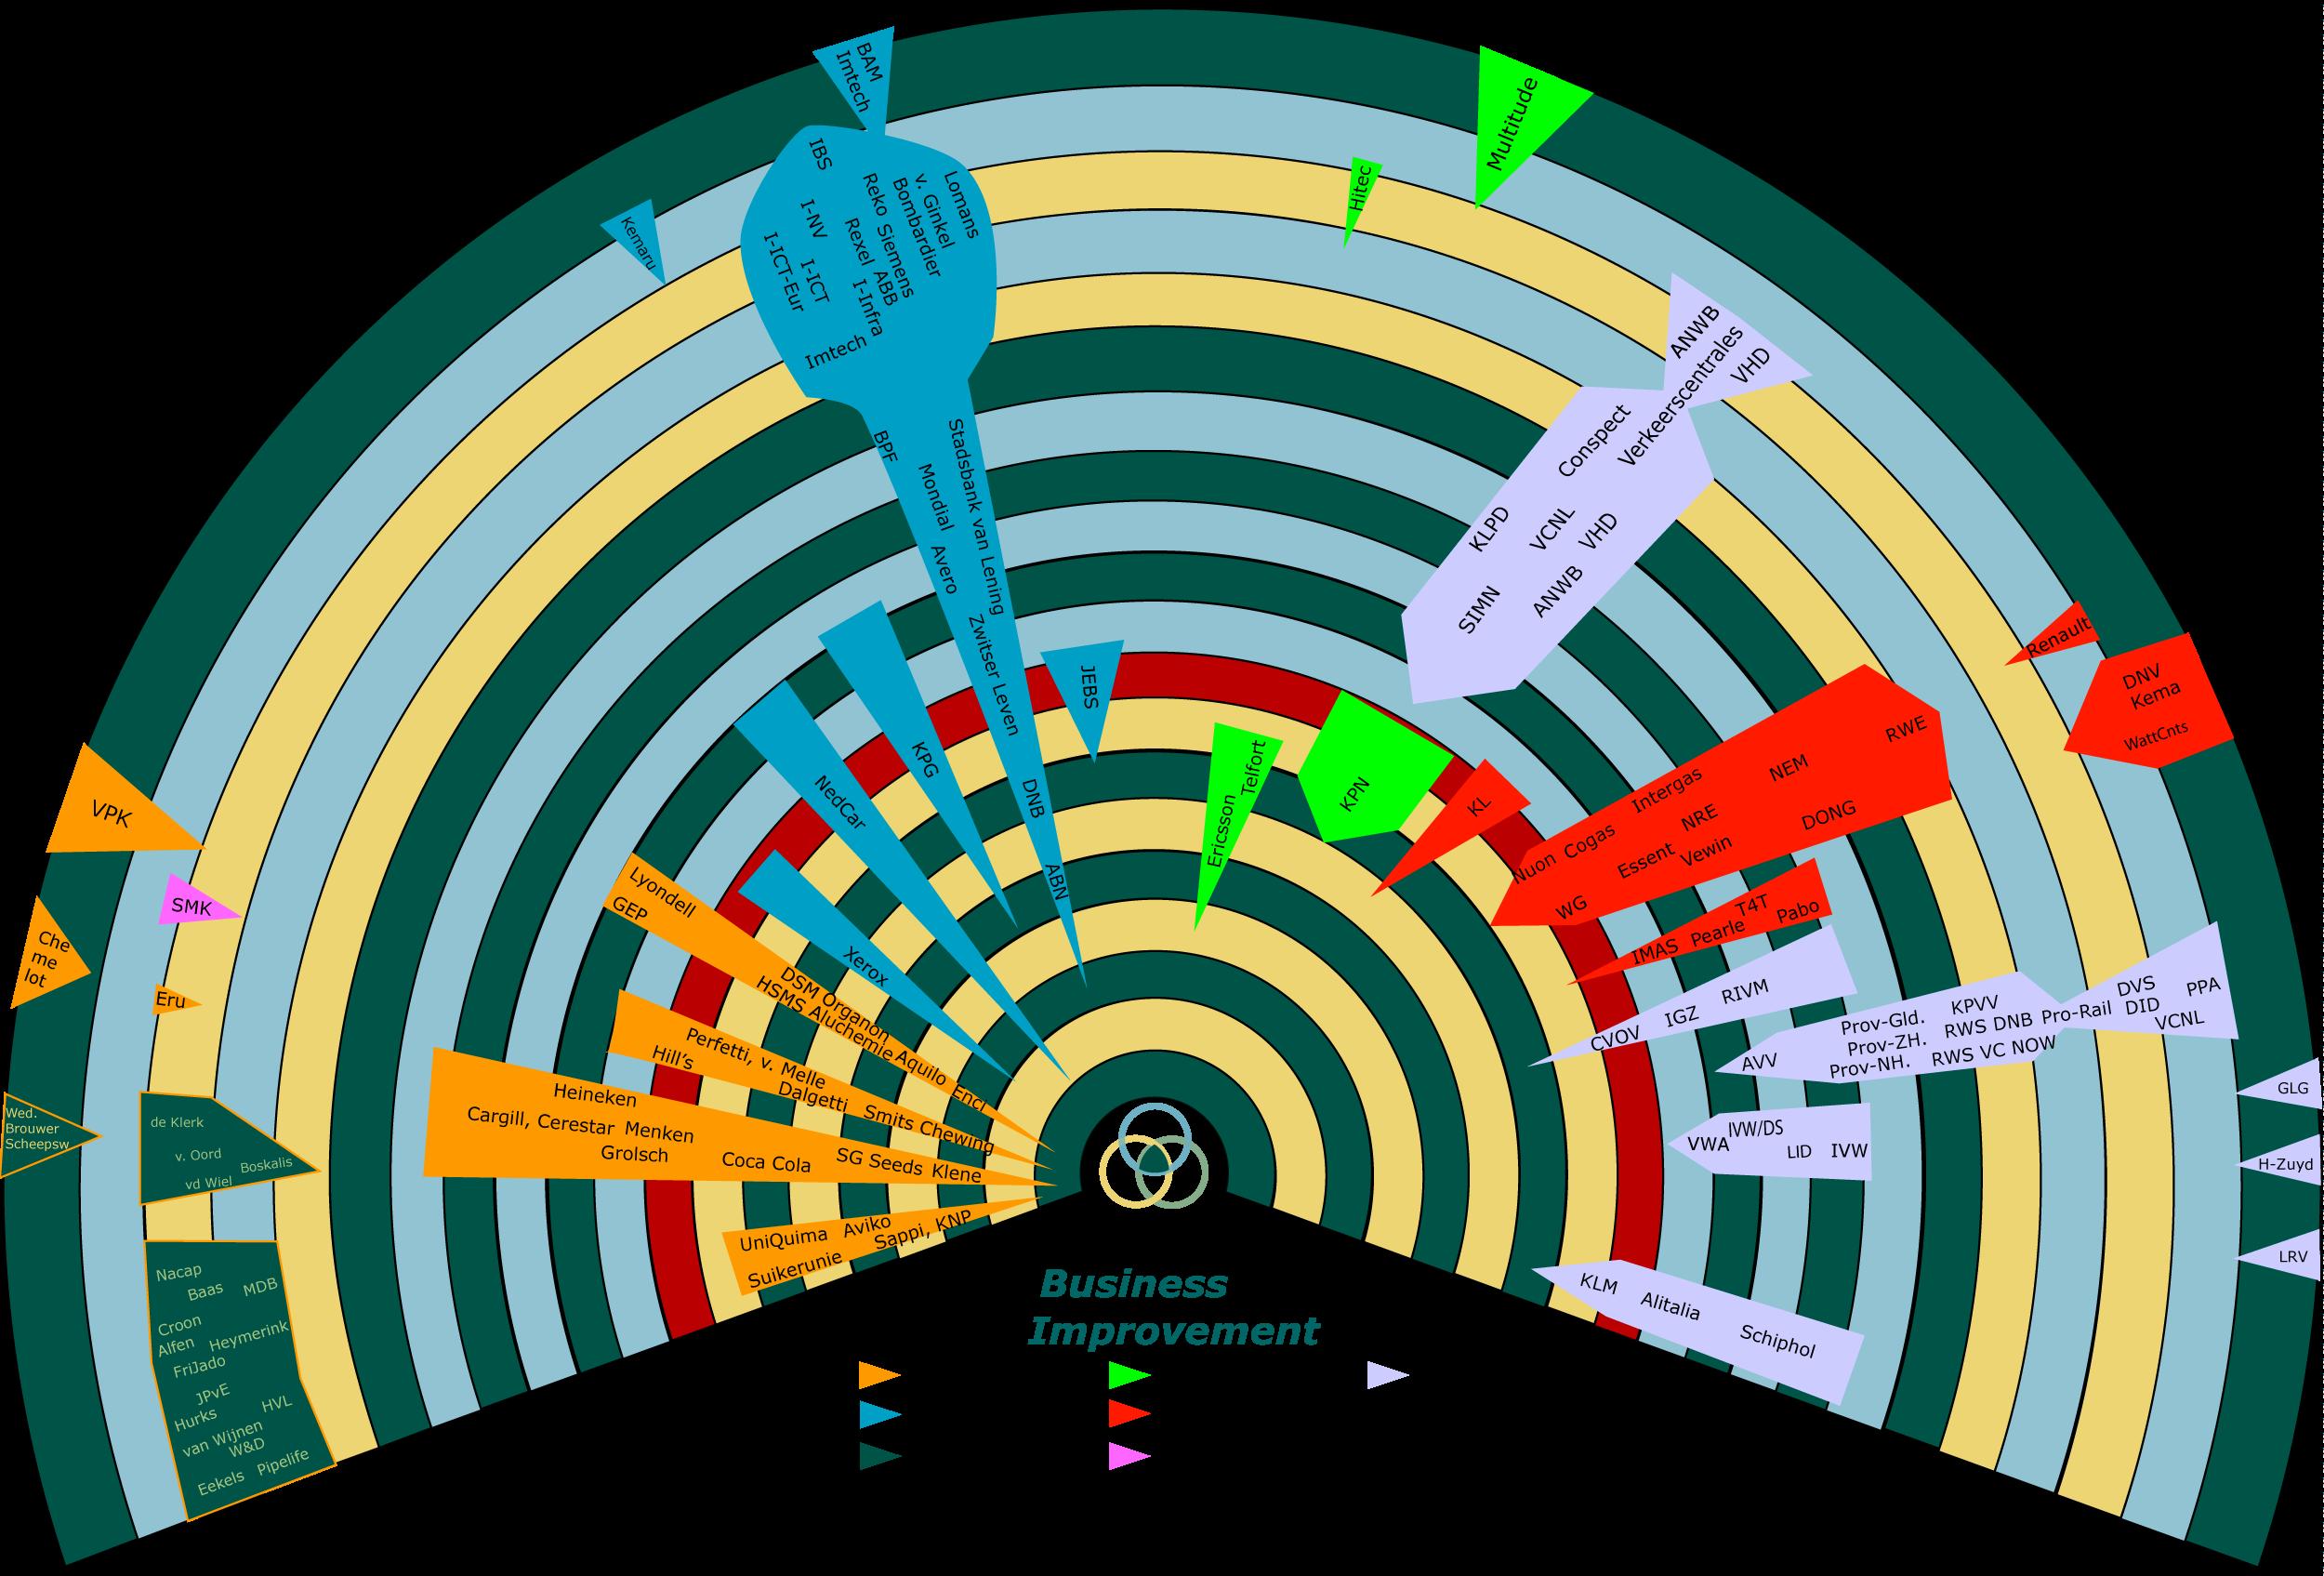 Radar_Plot_BI_2014_Print_Q1_2500